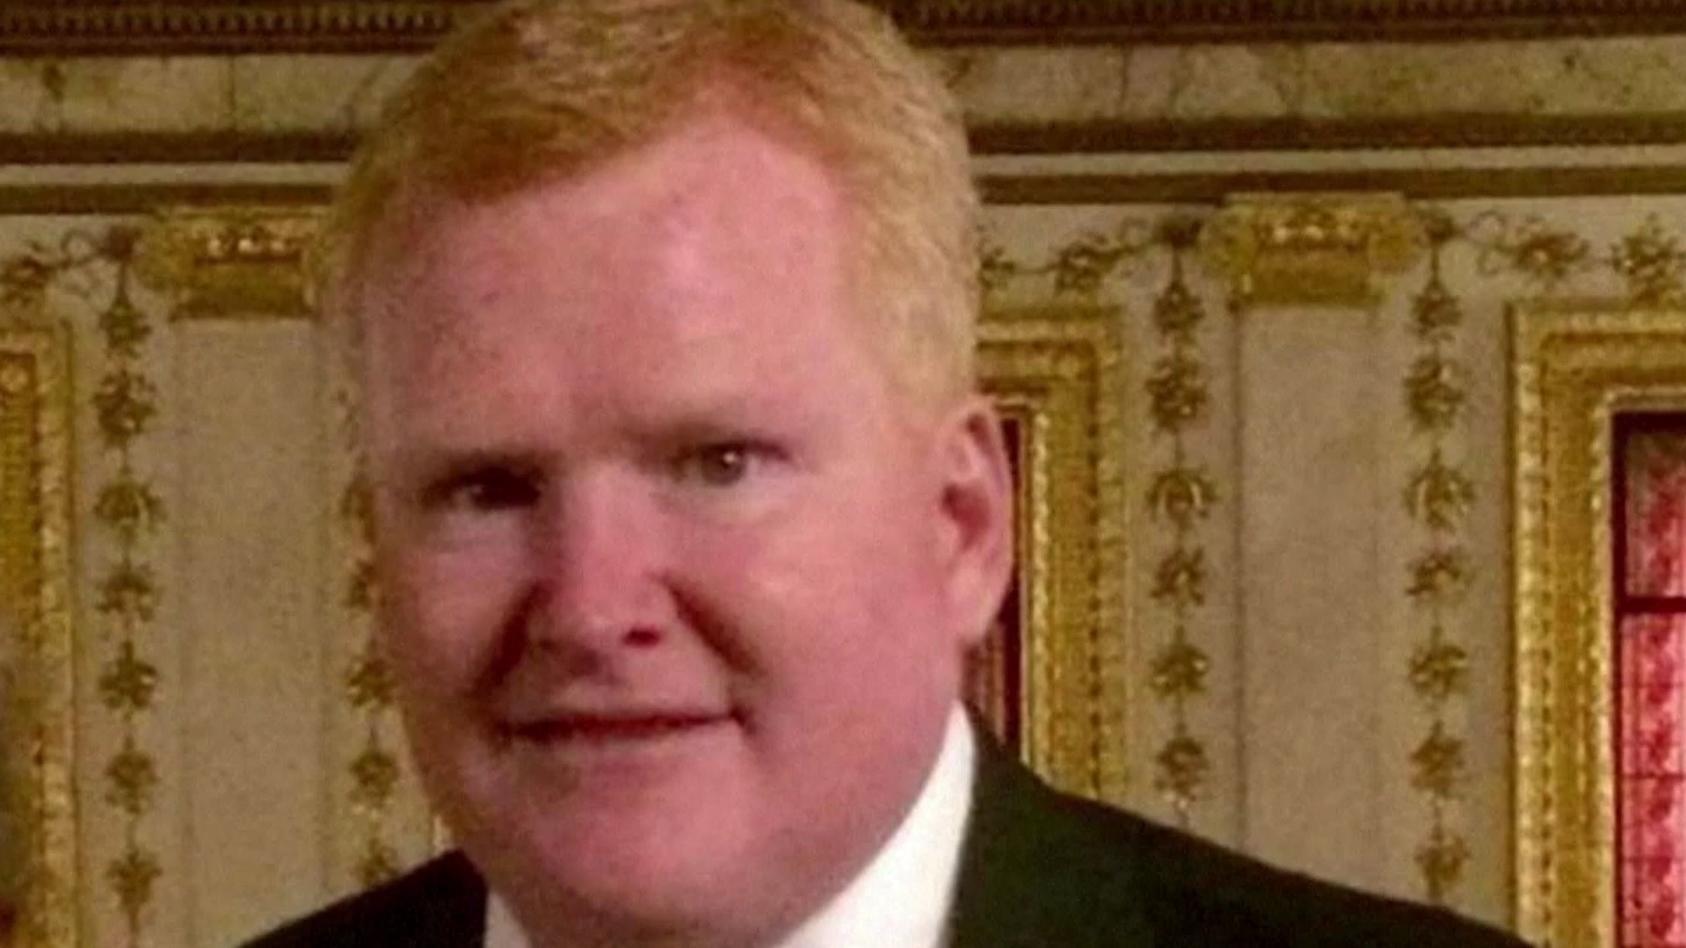 Der Anwalt Alex Murdaugh gab seine eigene Ermordung in Auftrag.